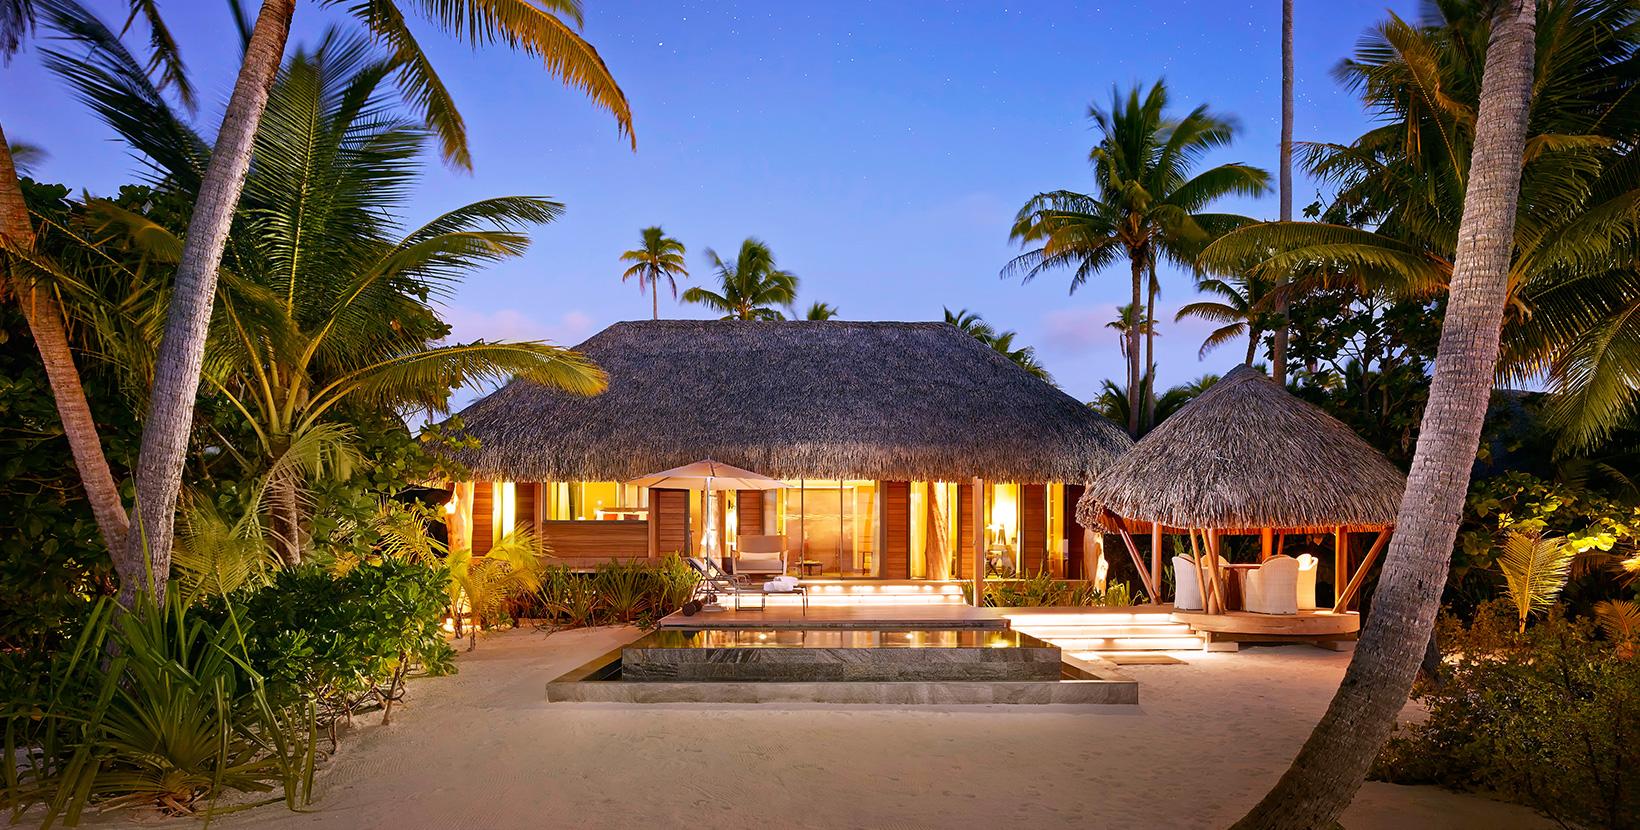 Barack Obama passera un partie de son séjour polynésien à l'Hôtel Le Brando, sur l'atoll de Tetiaroa ©The Brando